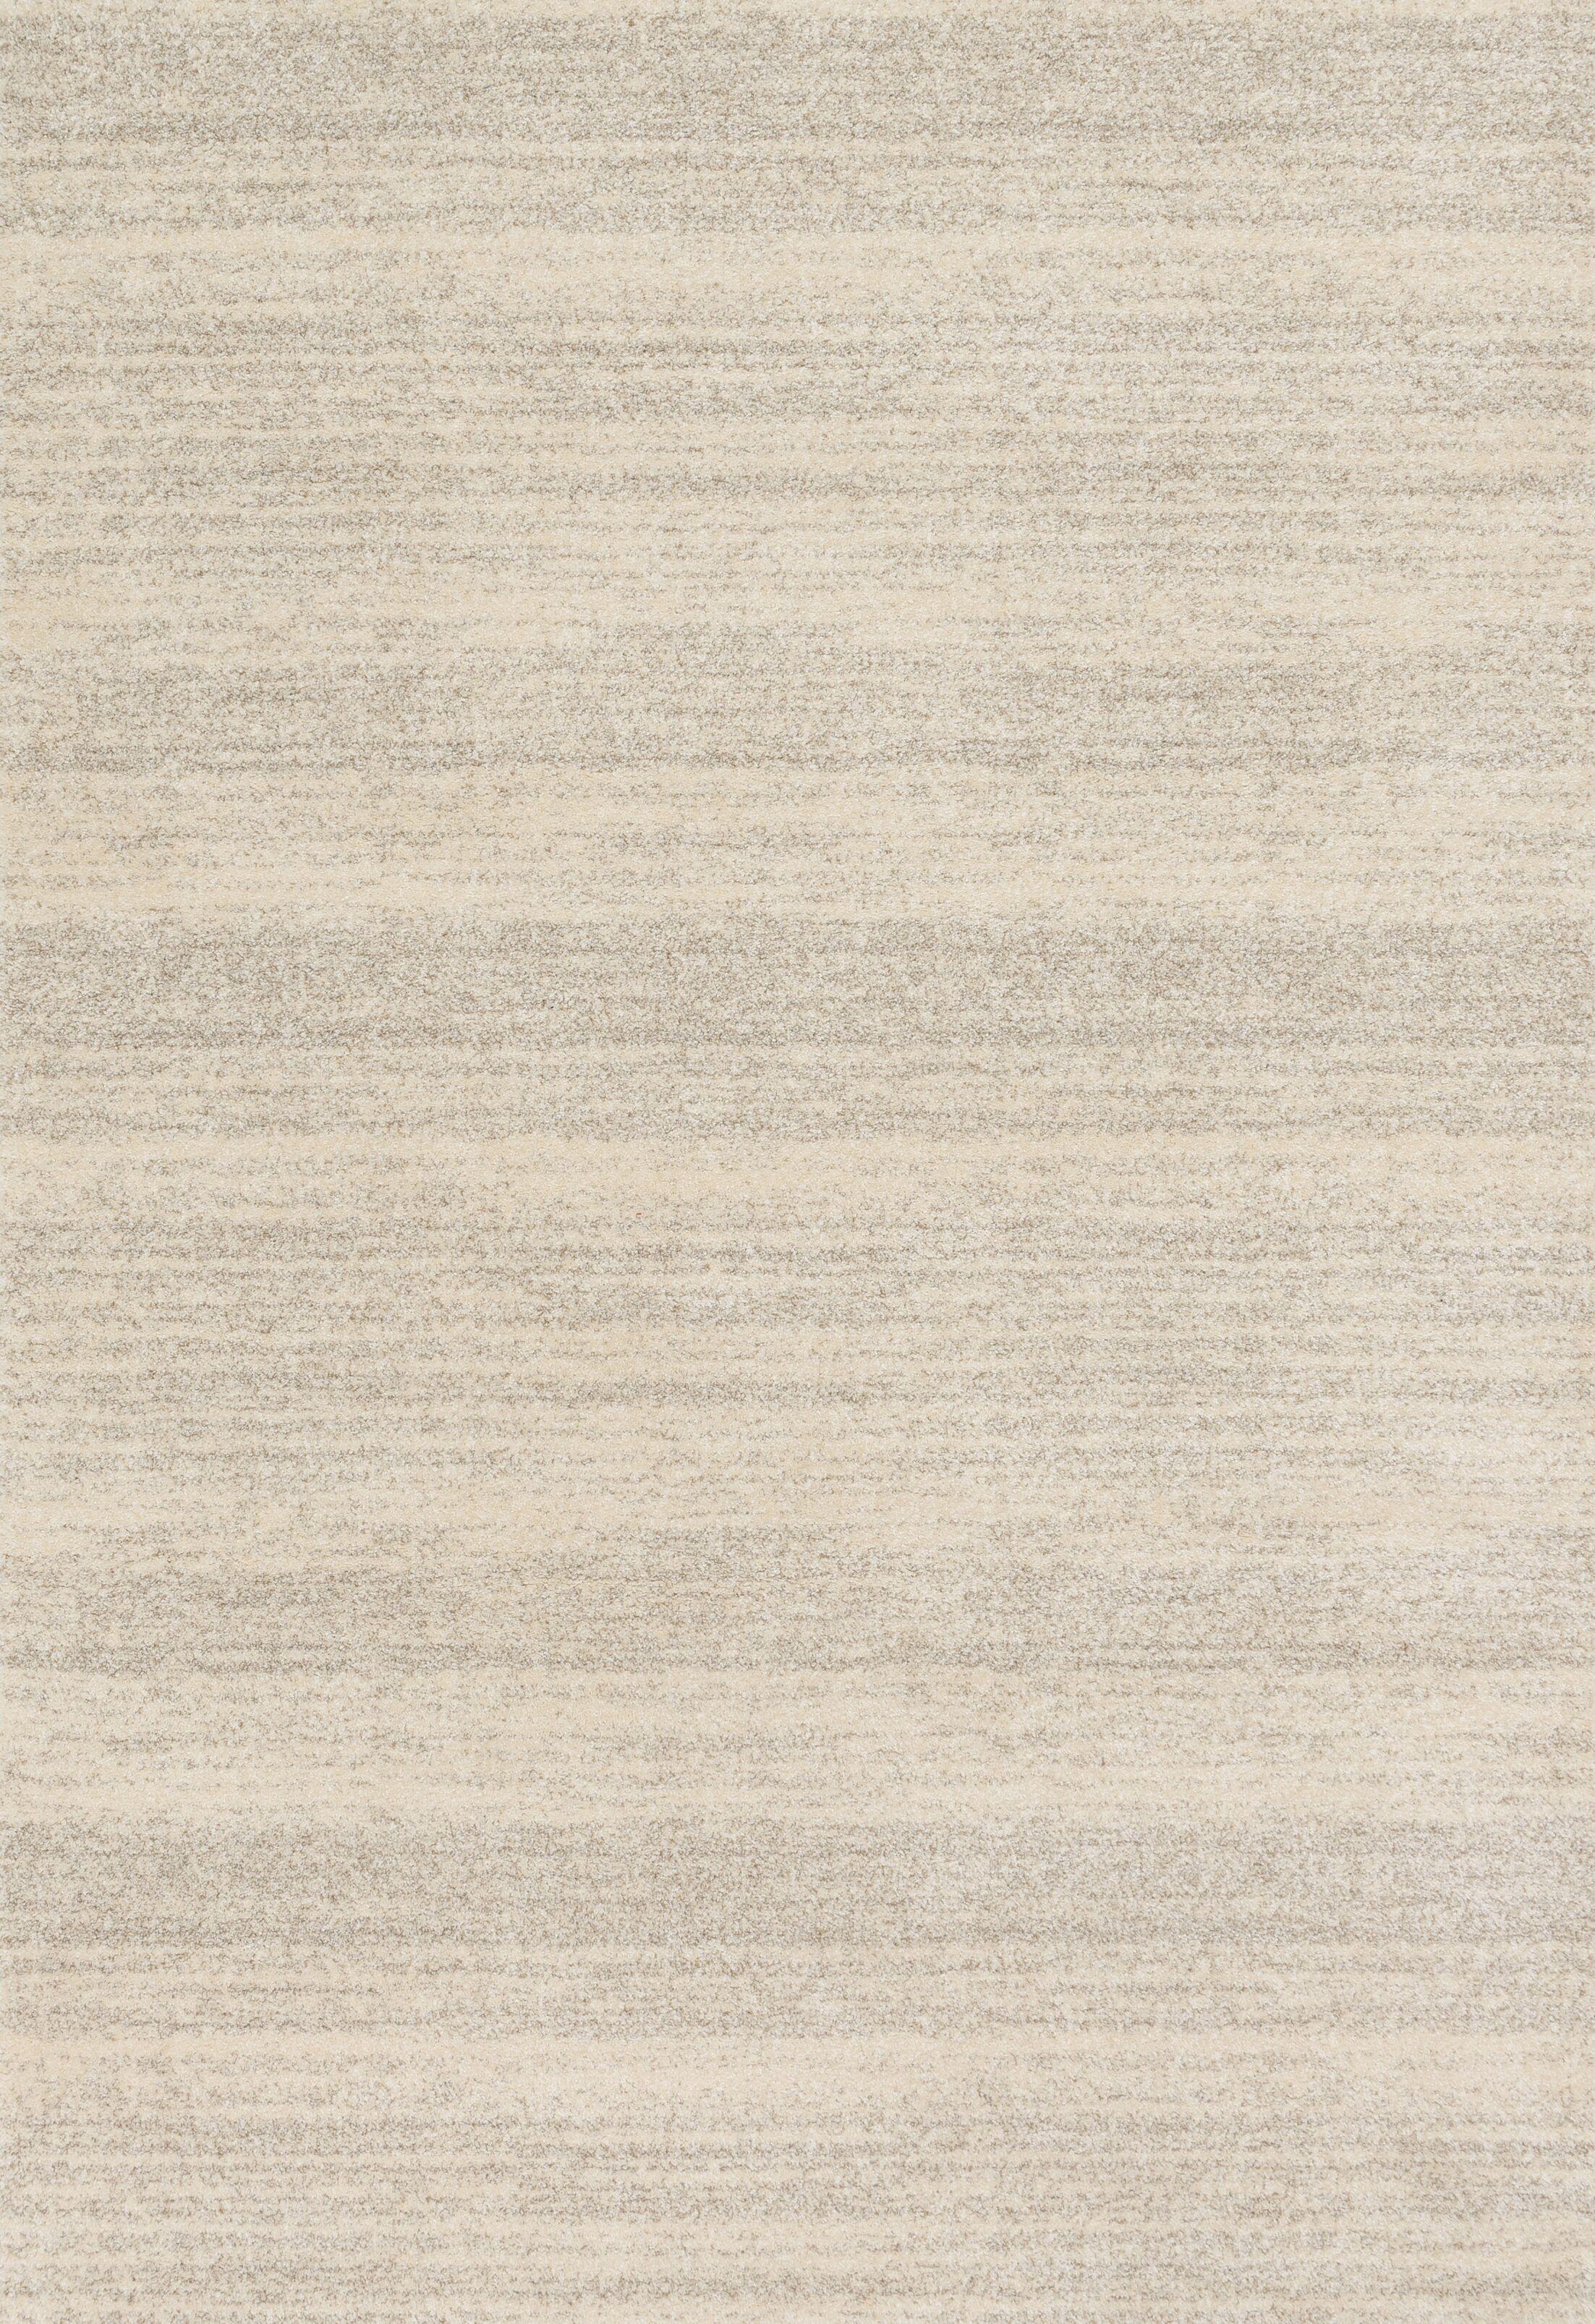 Aparicio Granite Area Rug Rug Size: Rectangle 5'3